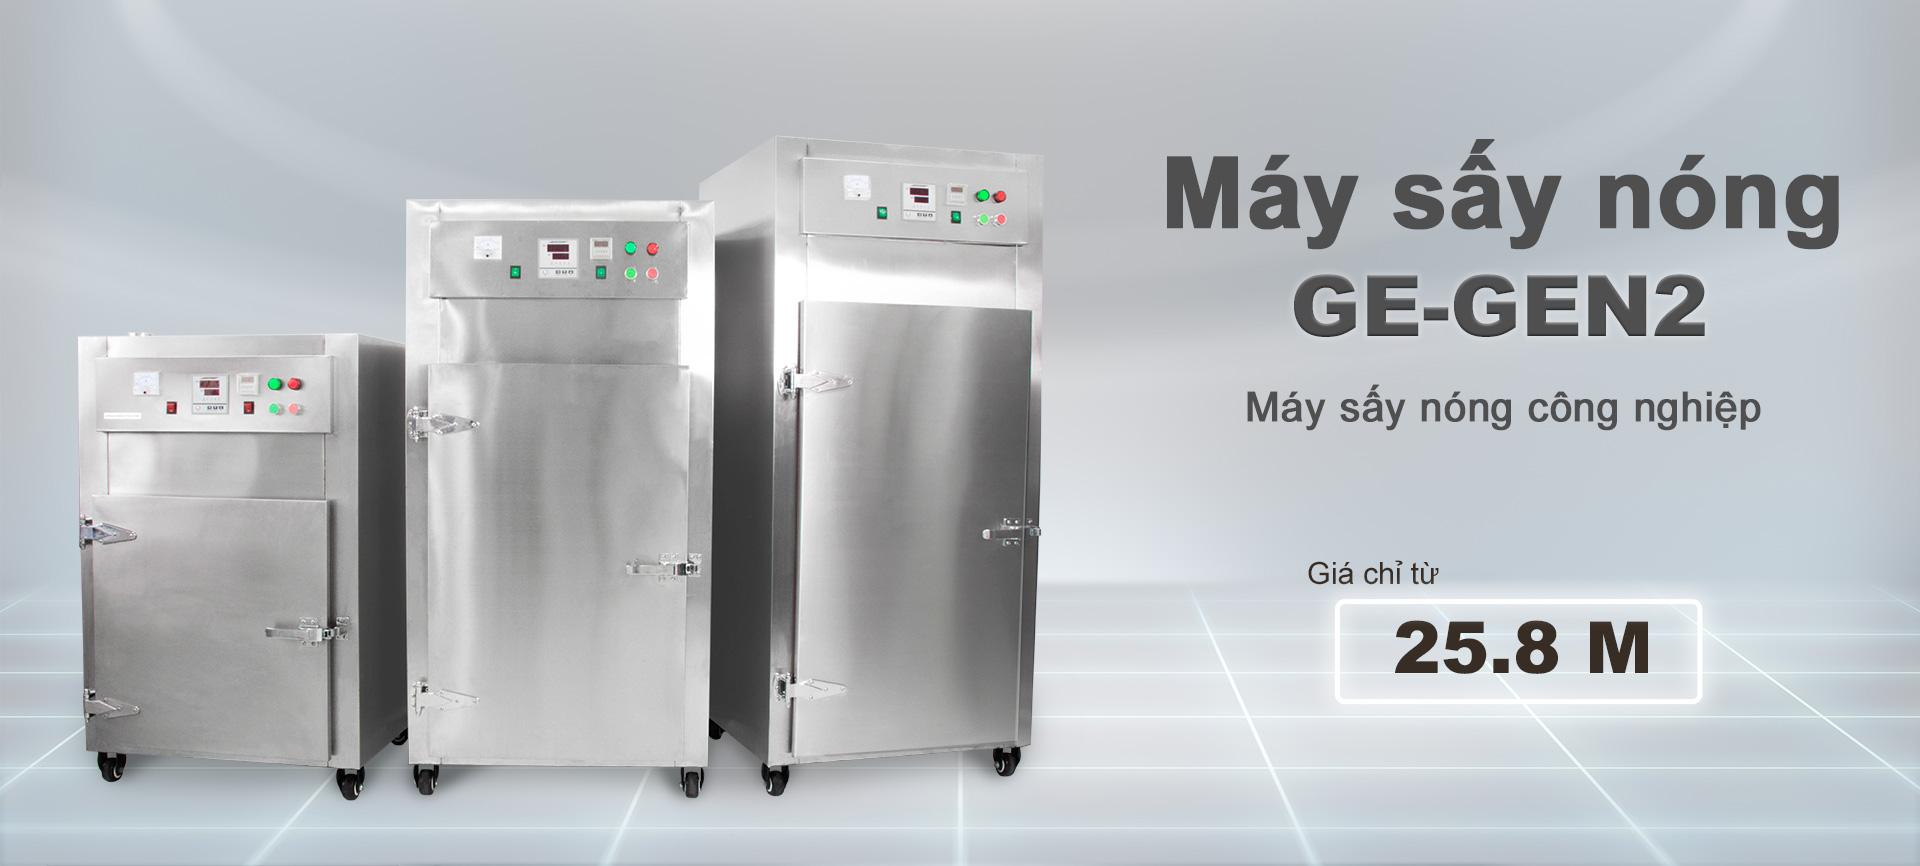 Tủ sấy công nghiệp-GE-GEN2-ราคา